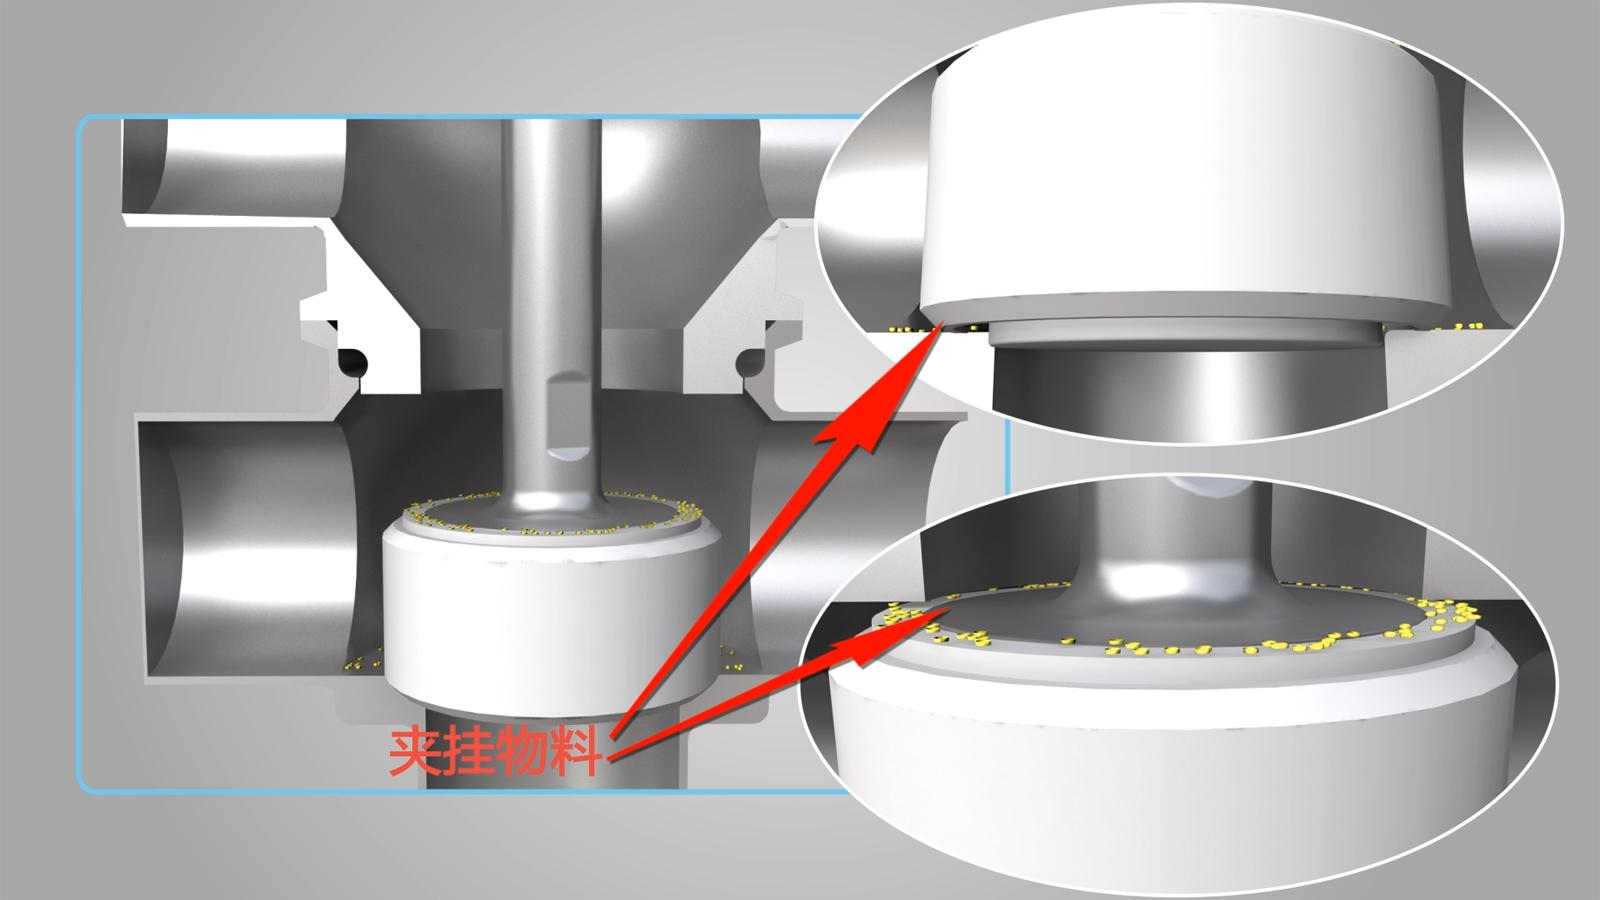 新莱集团-弧形阀动画展示